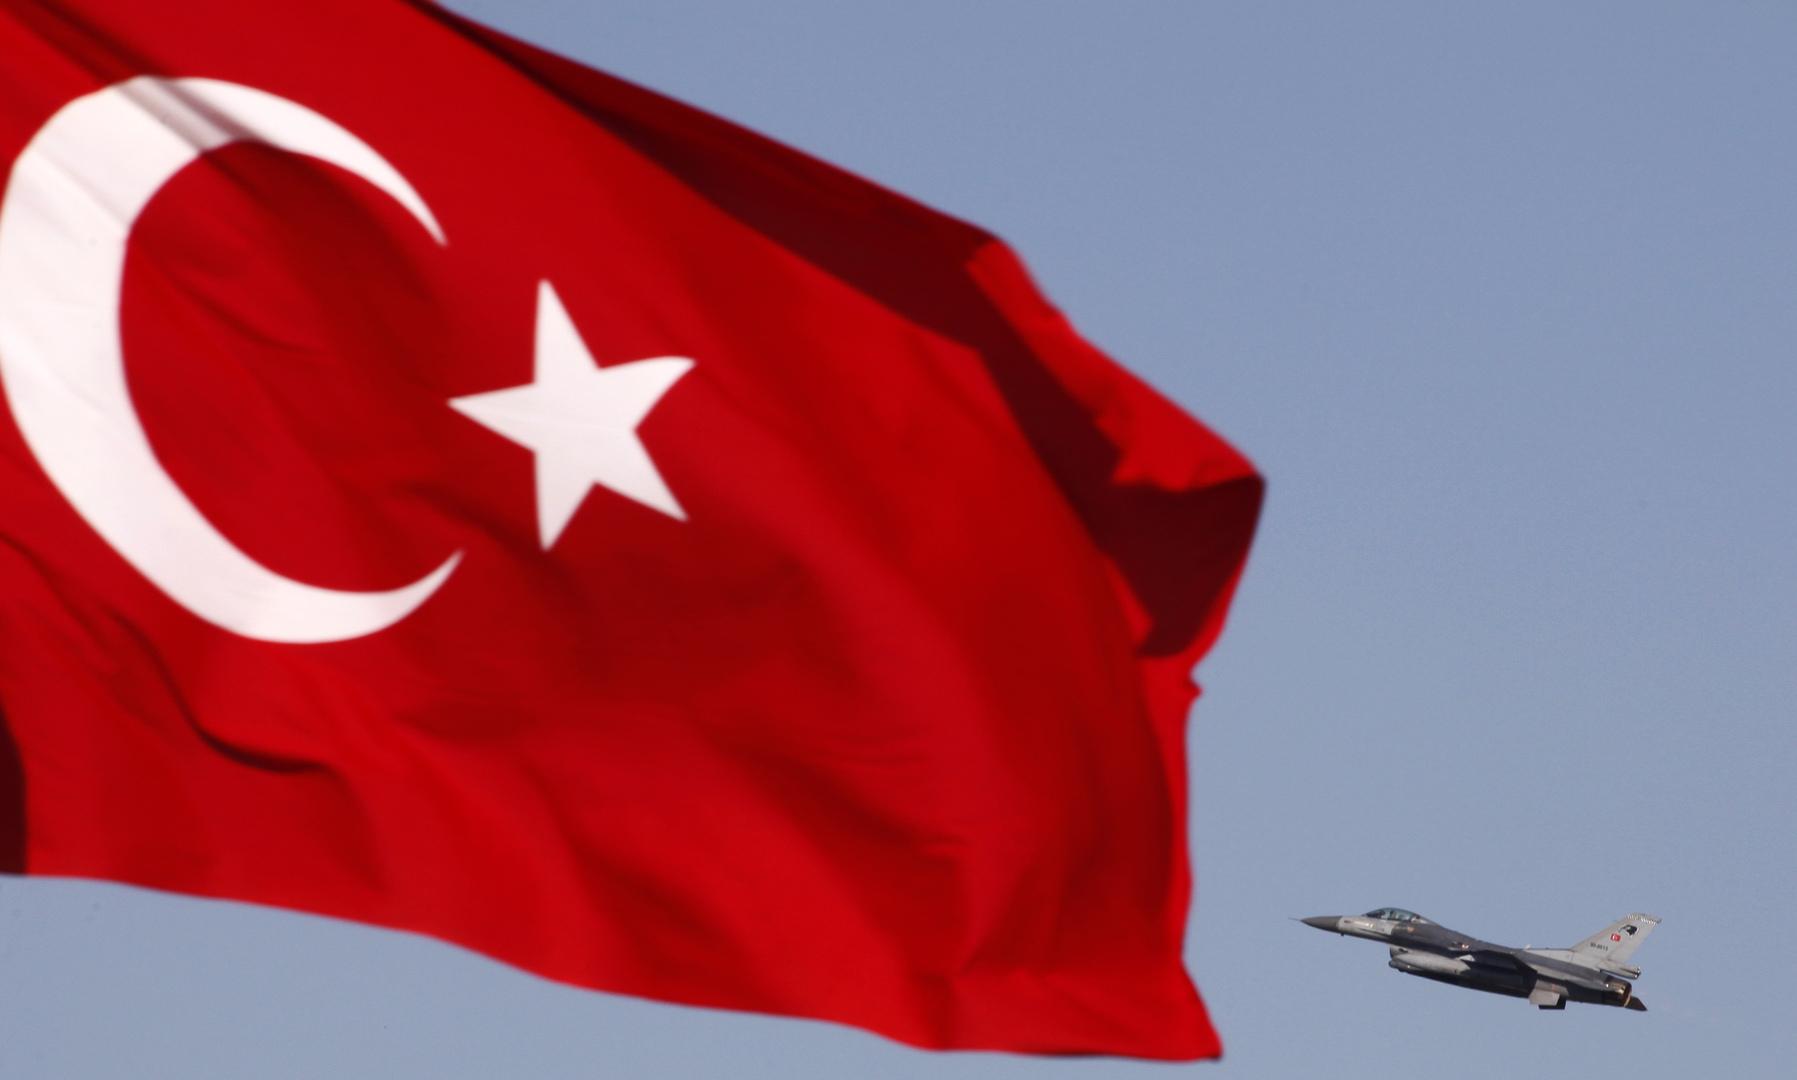 حوار بين علييف وأردوغان تزامنا مع وصول مقاتلات تركية إلى أذربيجان